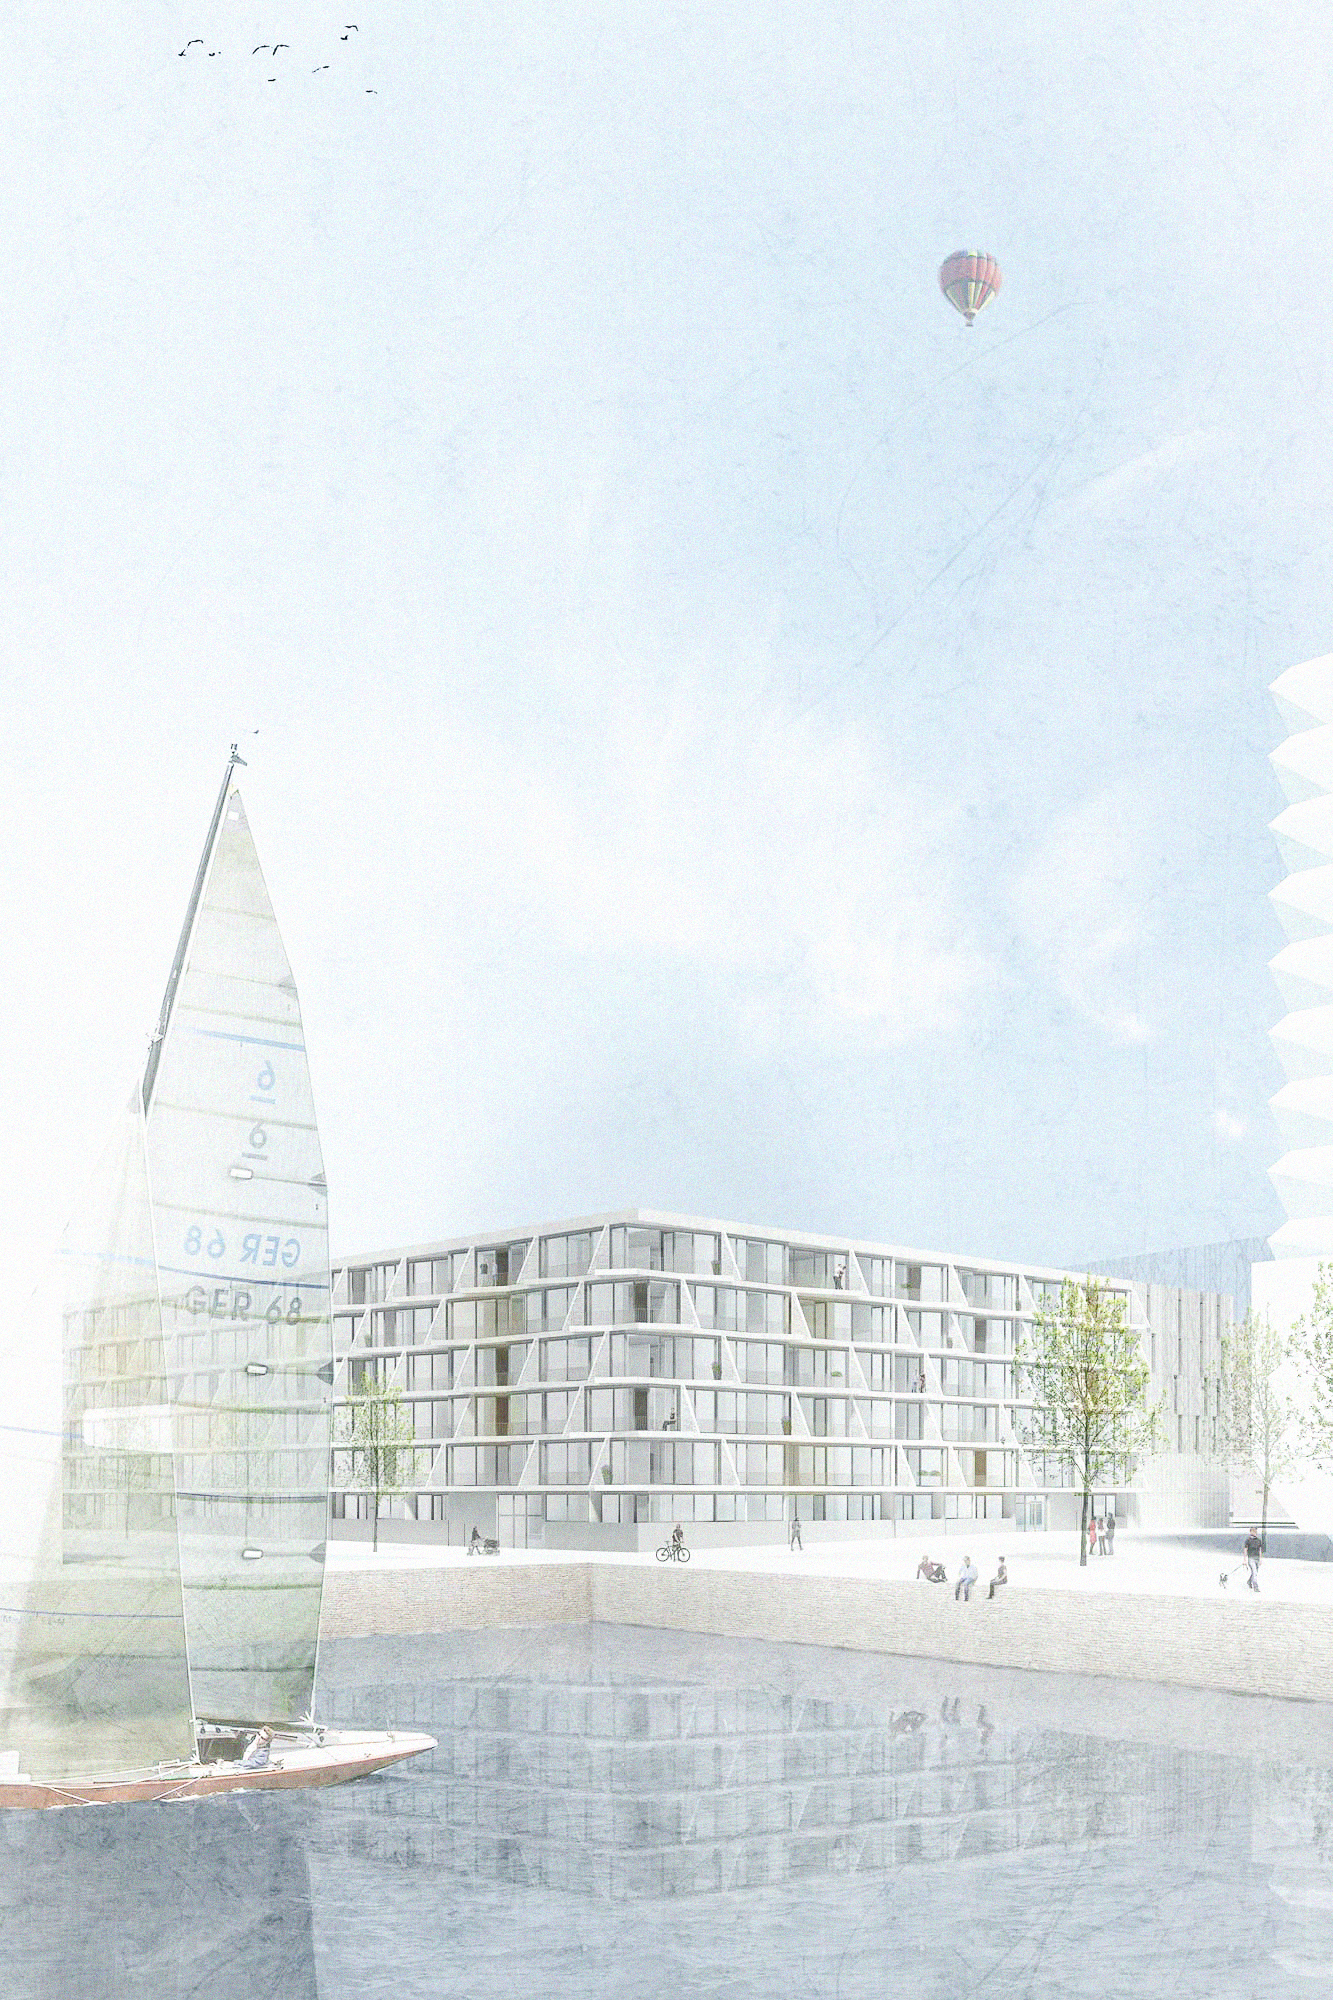 KUBIK Architektur - Studio für Architektur Berlin - architecture - Wettbewerb - Wohnbau - Hotel - Zollhafen Mainz